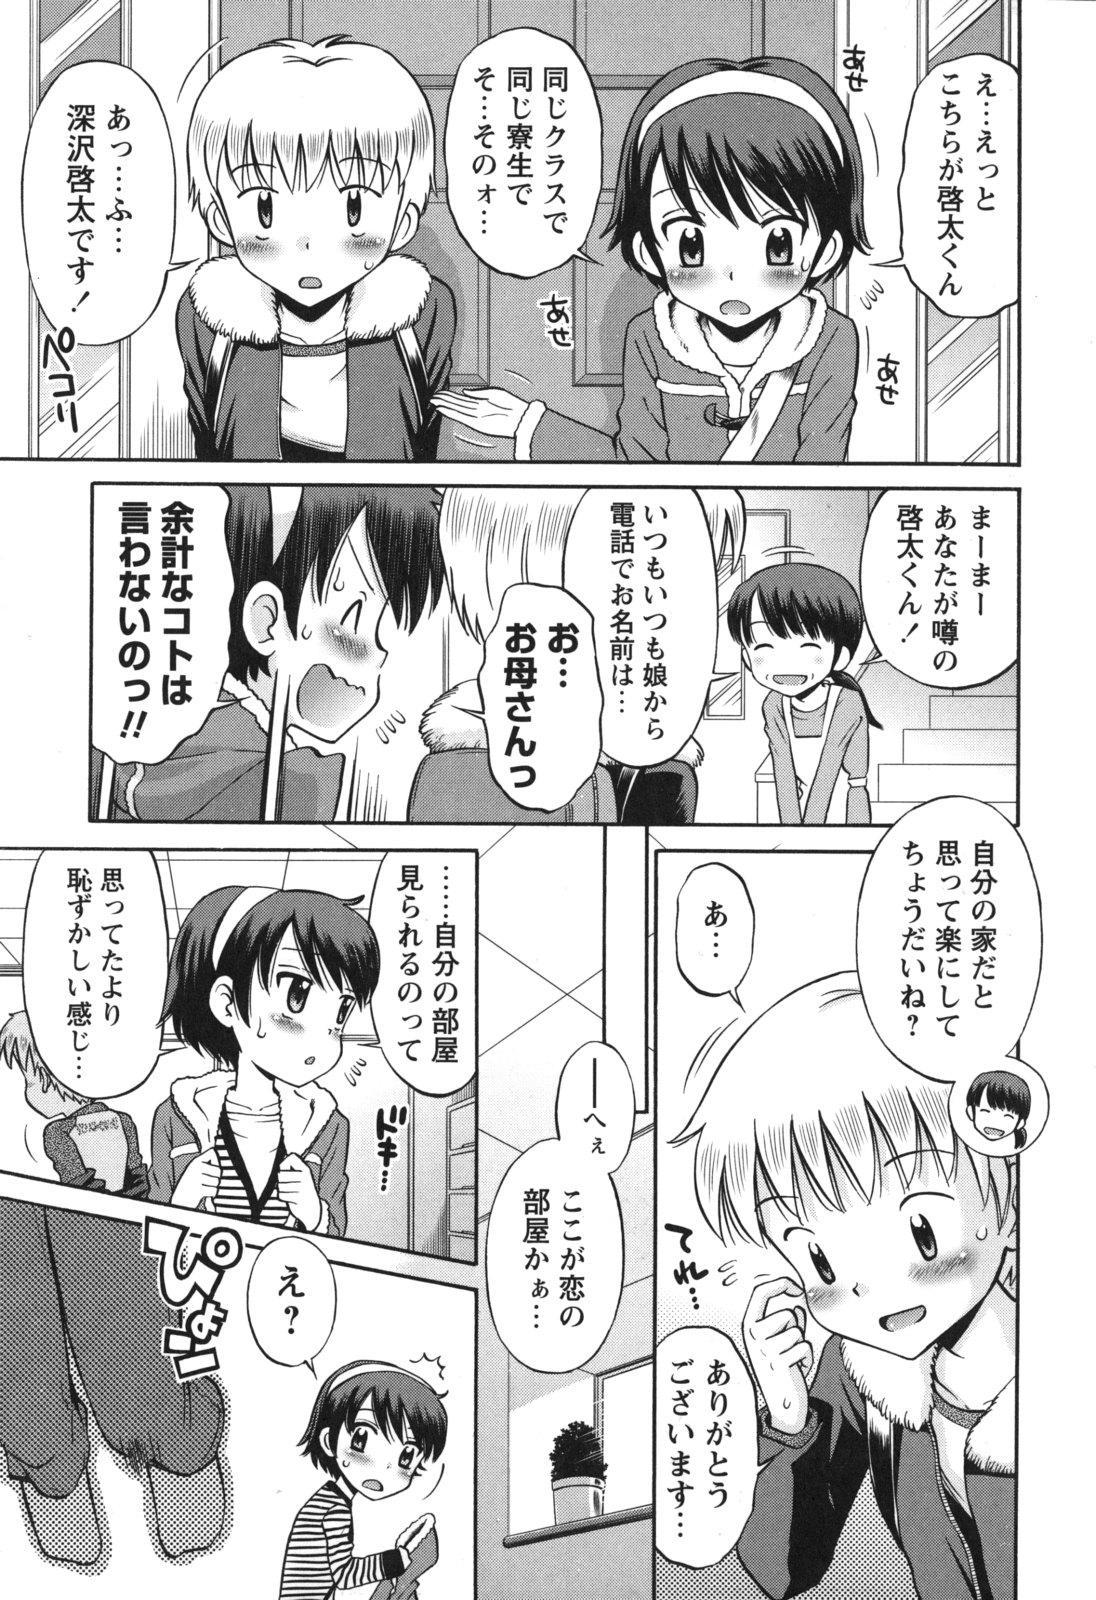 SOS! Sukebe na Osananajimi ga Shinobikondekimashita. 83